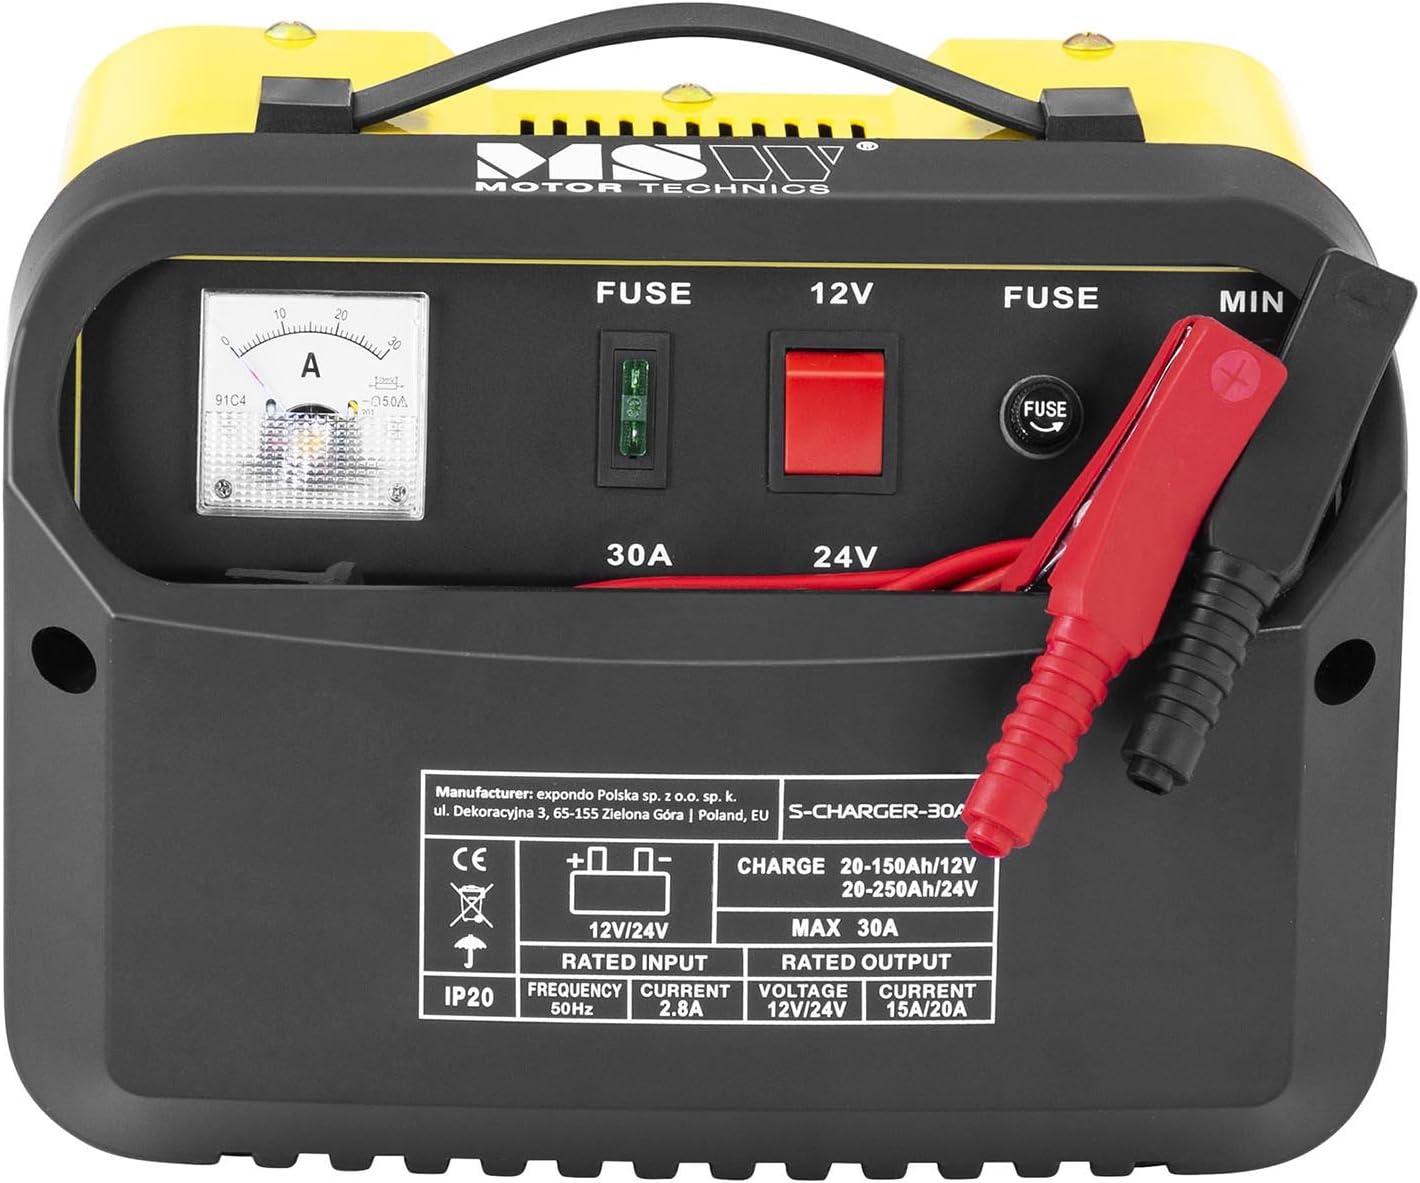 MSW Chargeur de Batterie Auto Aide au D/émarrage pour la Voiture S-CHARGER-20A.2 12//24 Volts, 8//12 amp/ères, accumulateur au Plomb